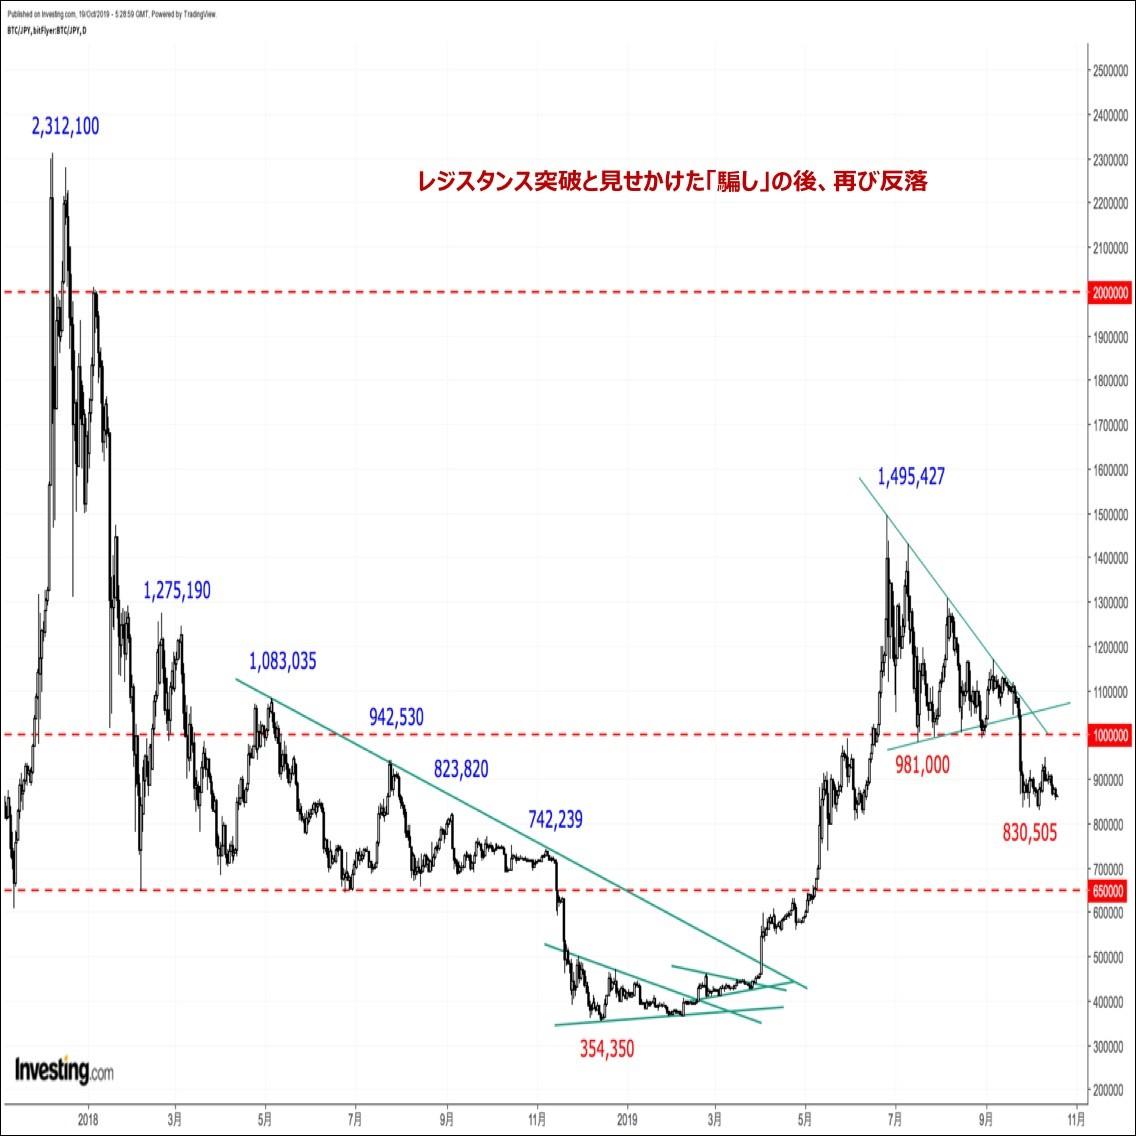 ビットコインの価格分析『続落リスクに要警戒。10月後半は二番底を探る展開か』(19/10/20)